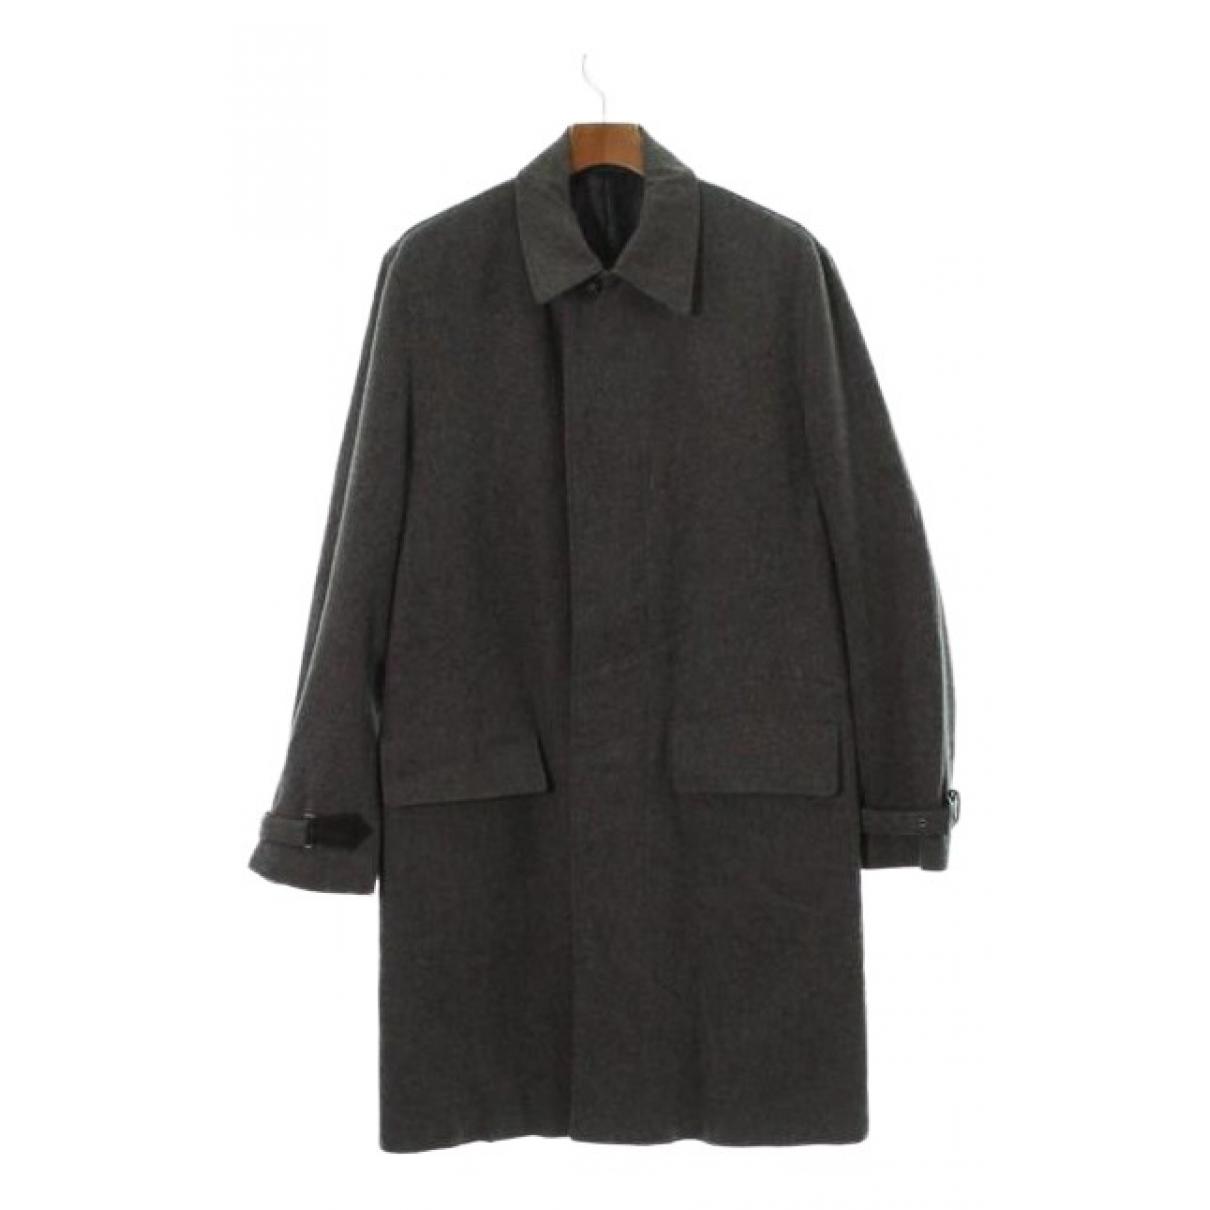 Hermes - Manteau   pour homme en laine - gris